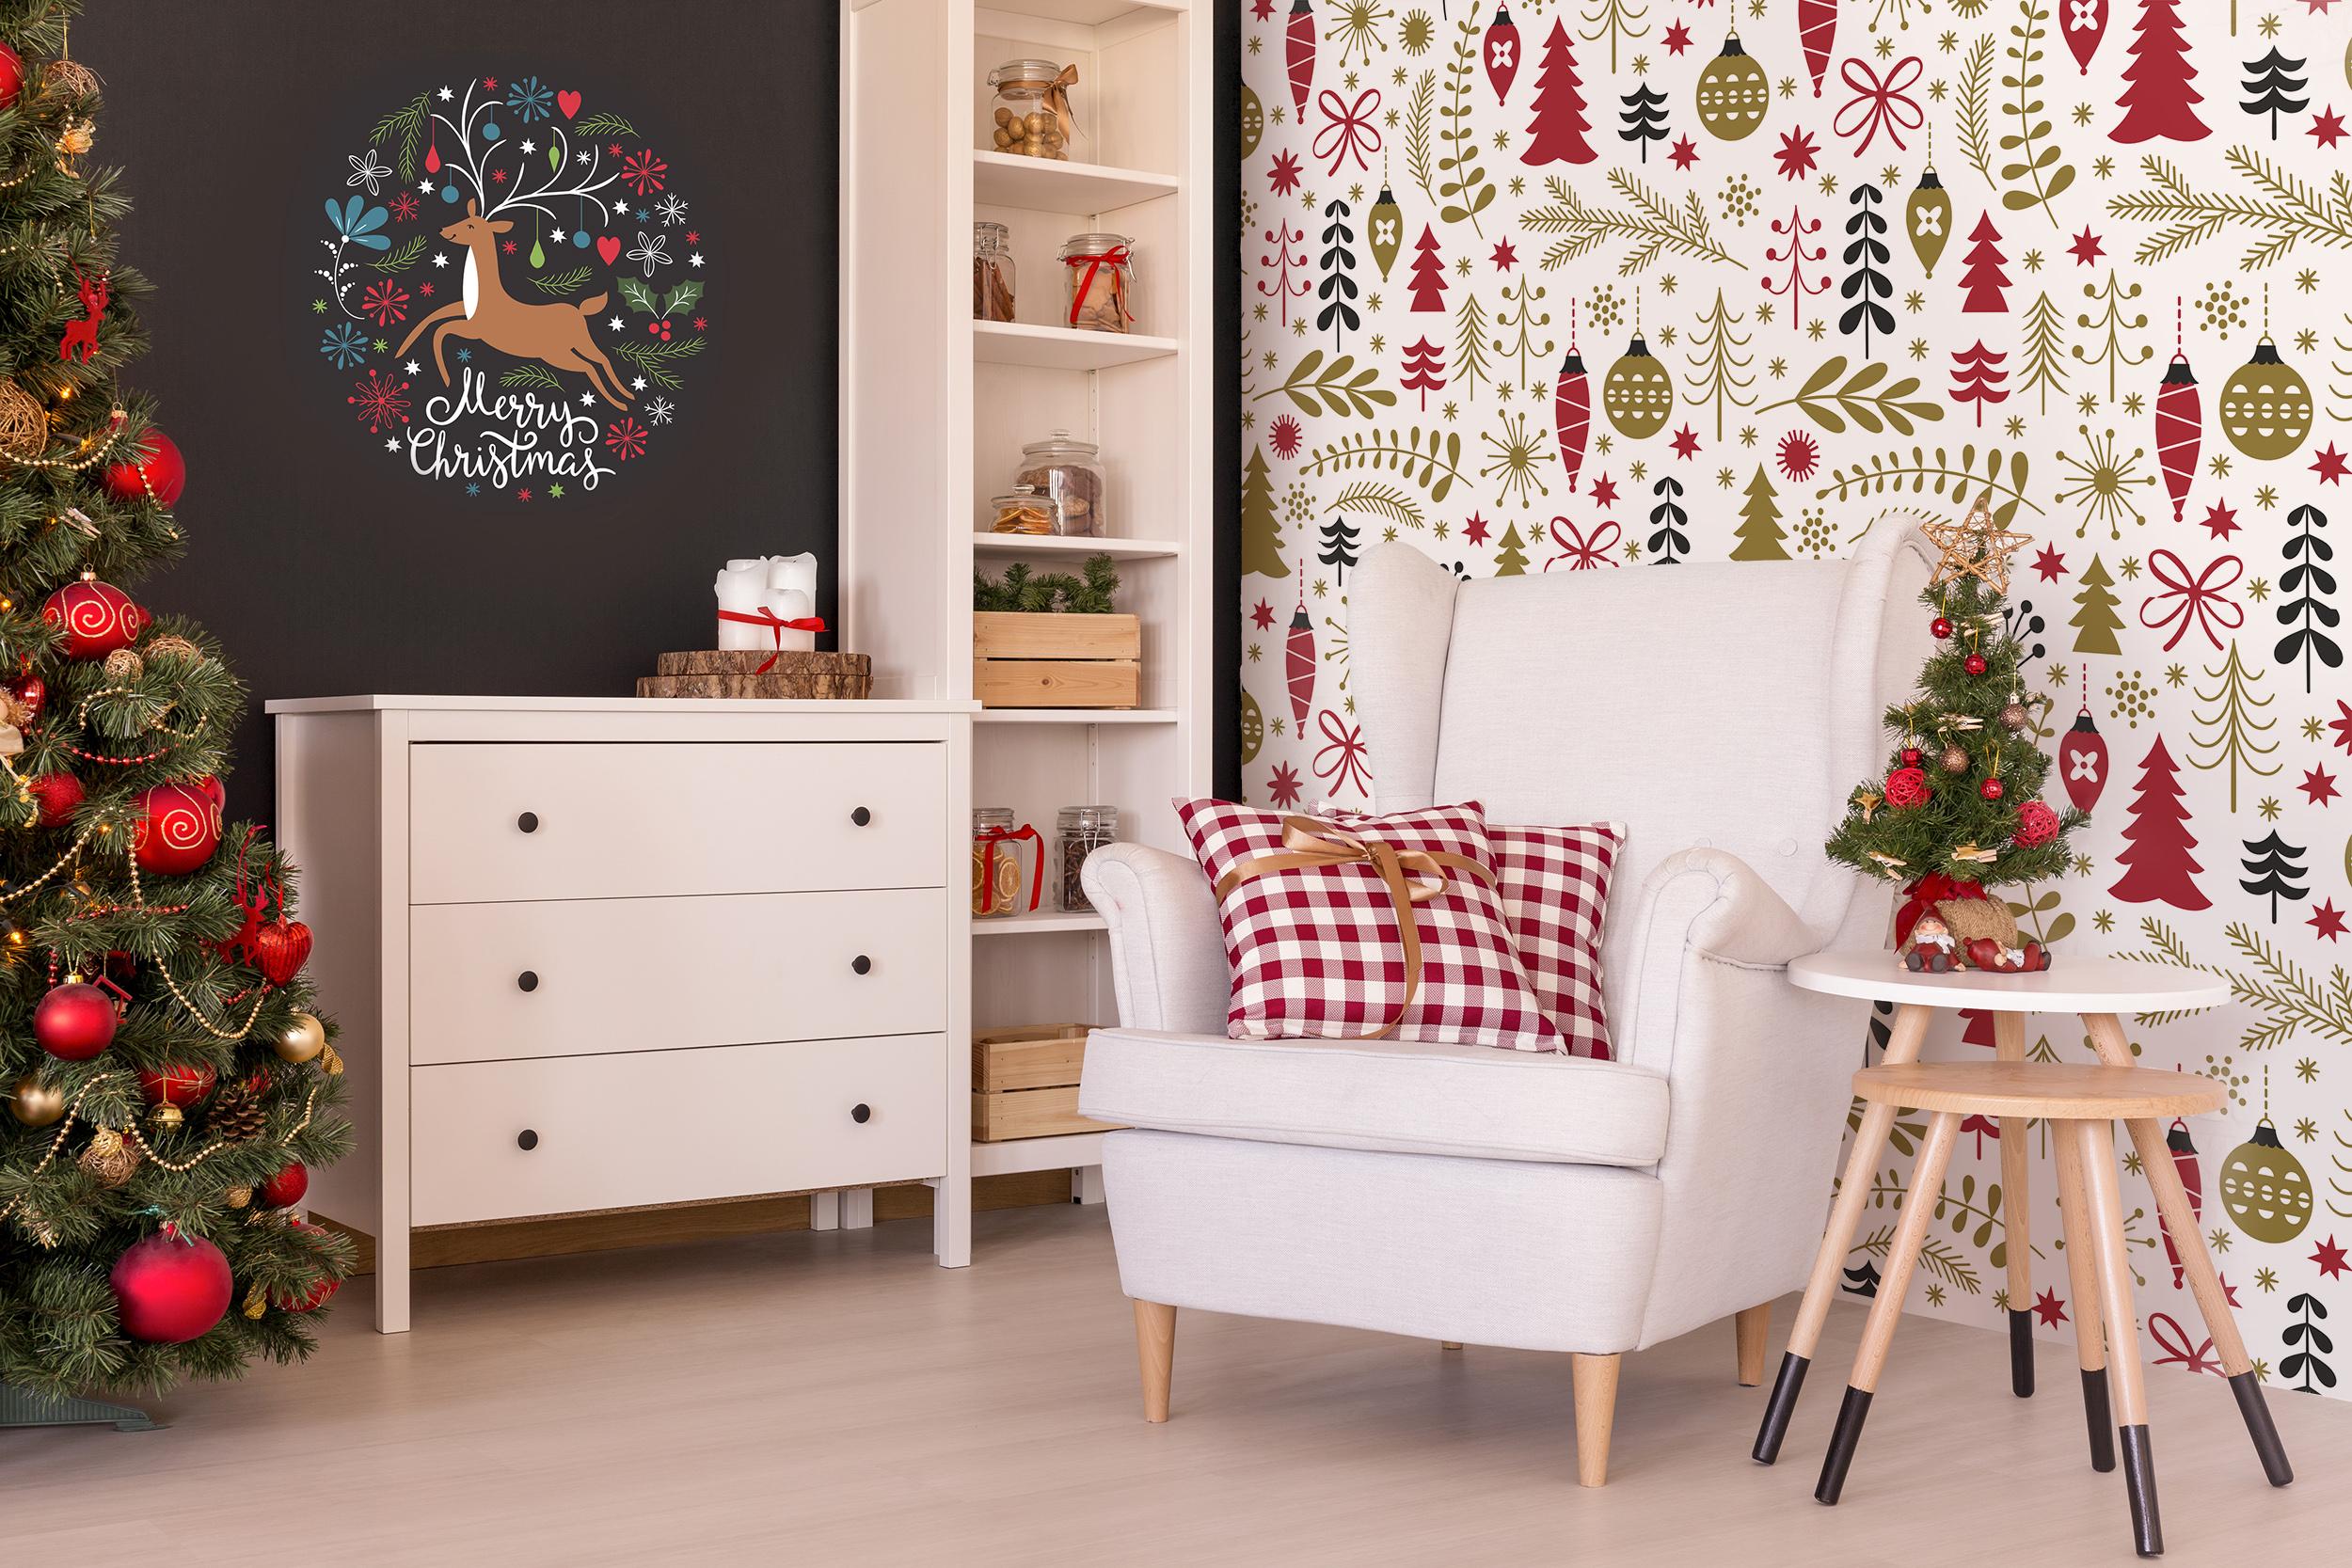 Decorazioni natalizie per soggiorno scandinavo carte for Decorazioni soggiorno